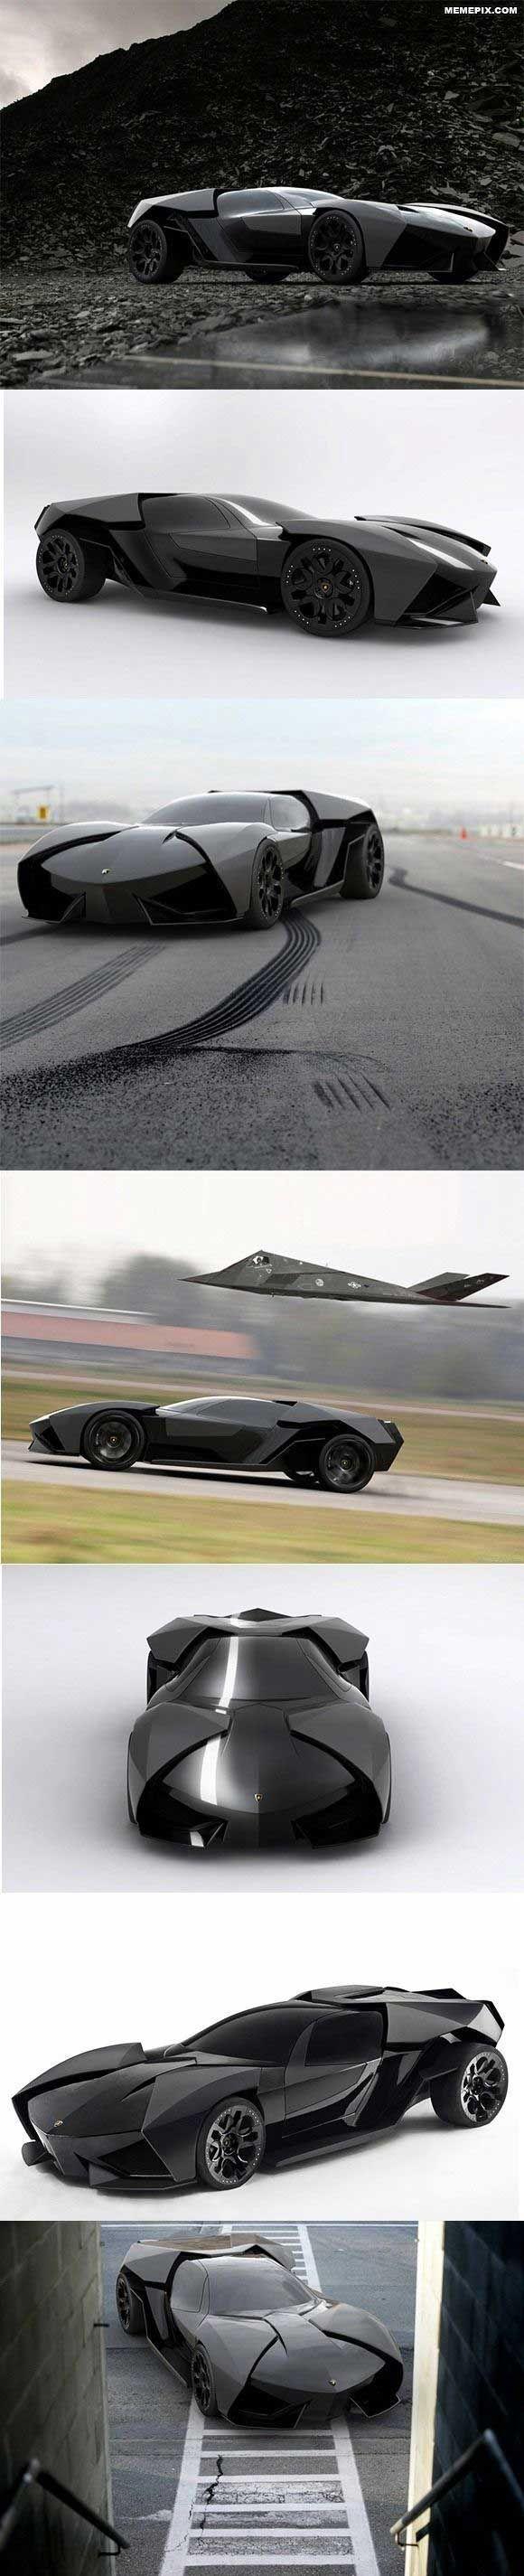 Lamborghini Ankonian Concept. Esto no ha salido en producción porque Bruce Wayne compró los derechos del coche para hacerlo su nuevo Batmovil